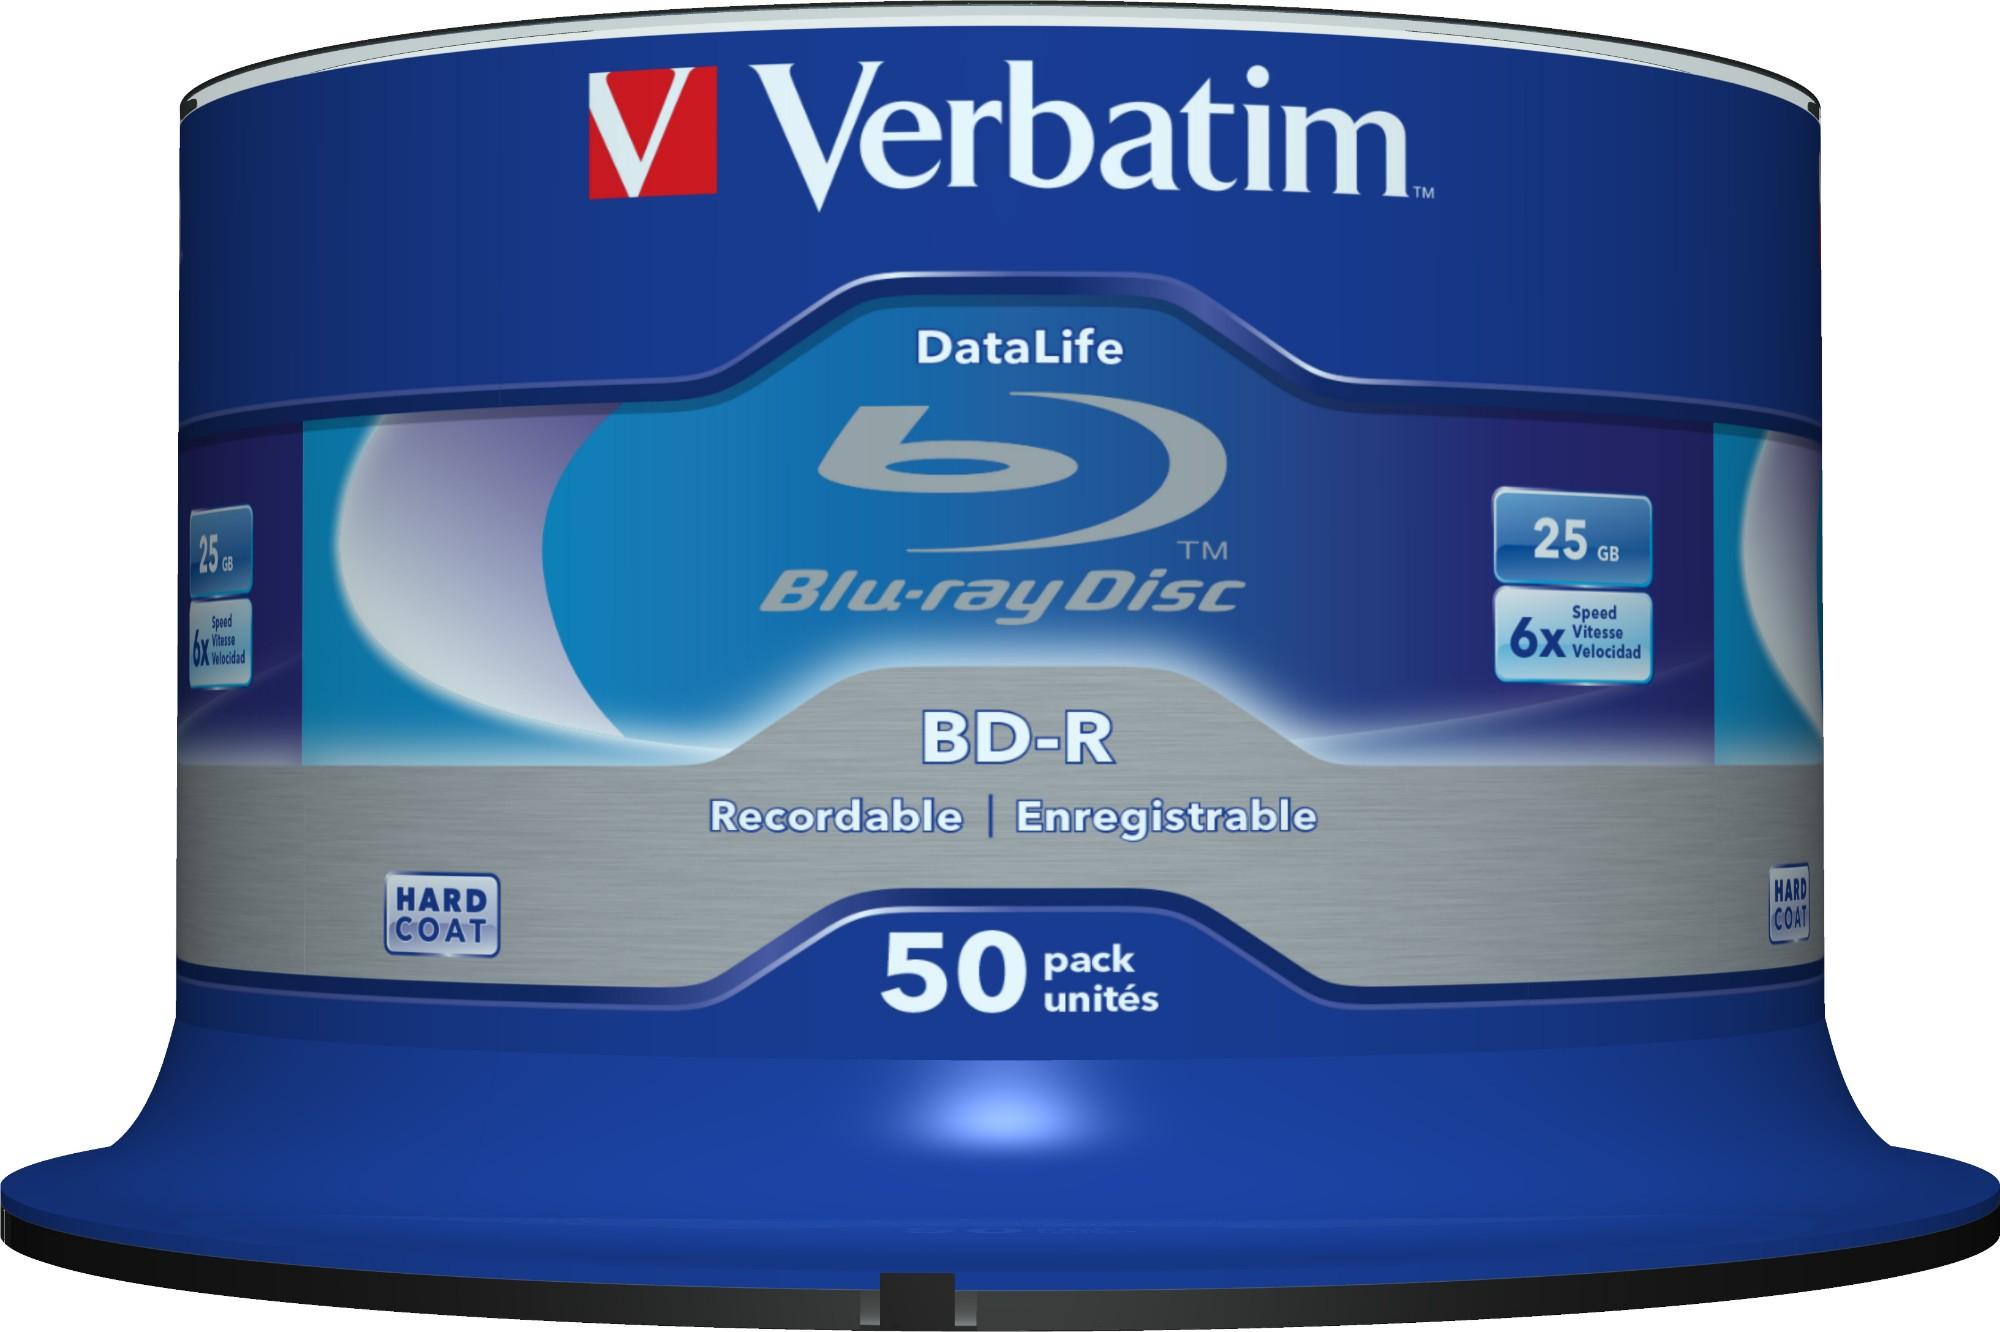 Verbatim Datalife 6x BD-R 25GB 50pc(s)